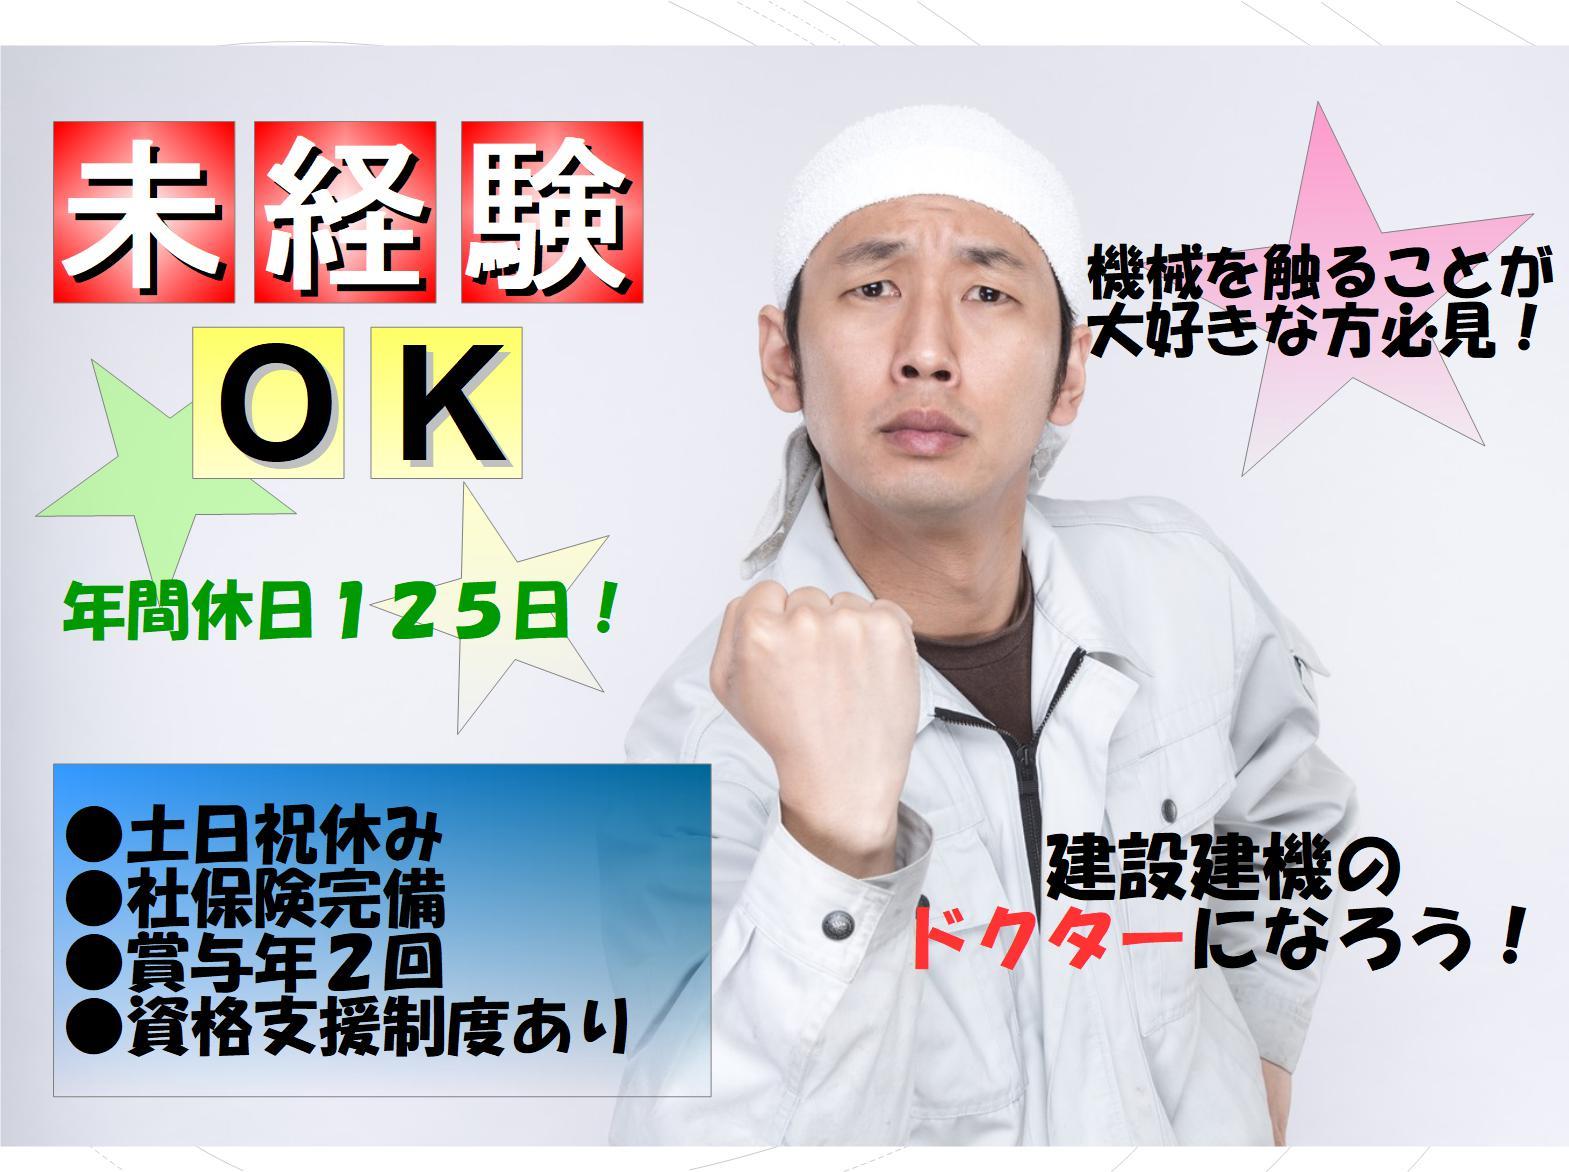 未経験から直しのプロを目指そう!建設機械整備士募集!(名古屋市) イメージ